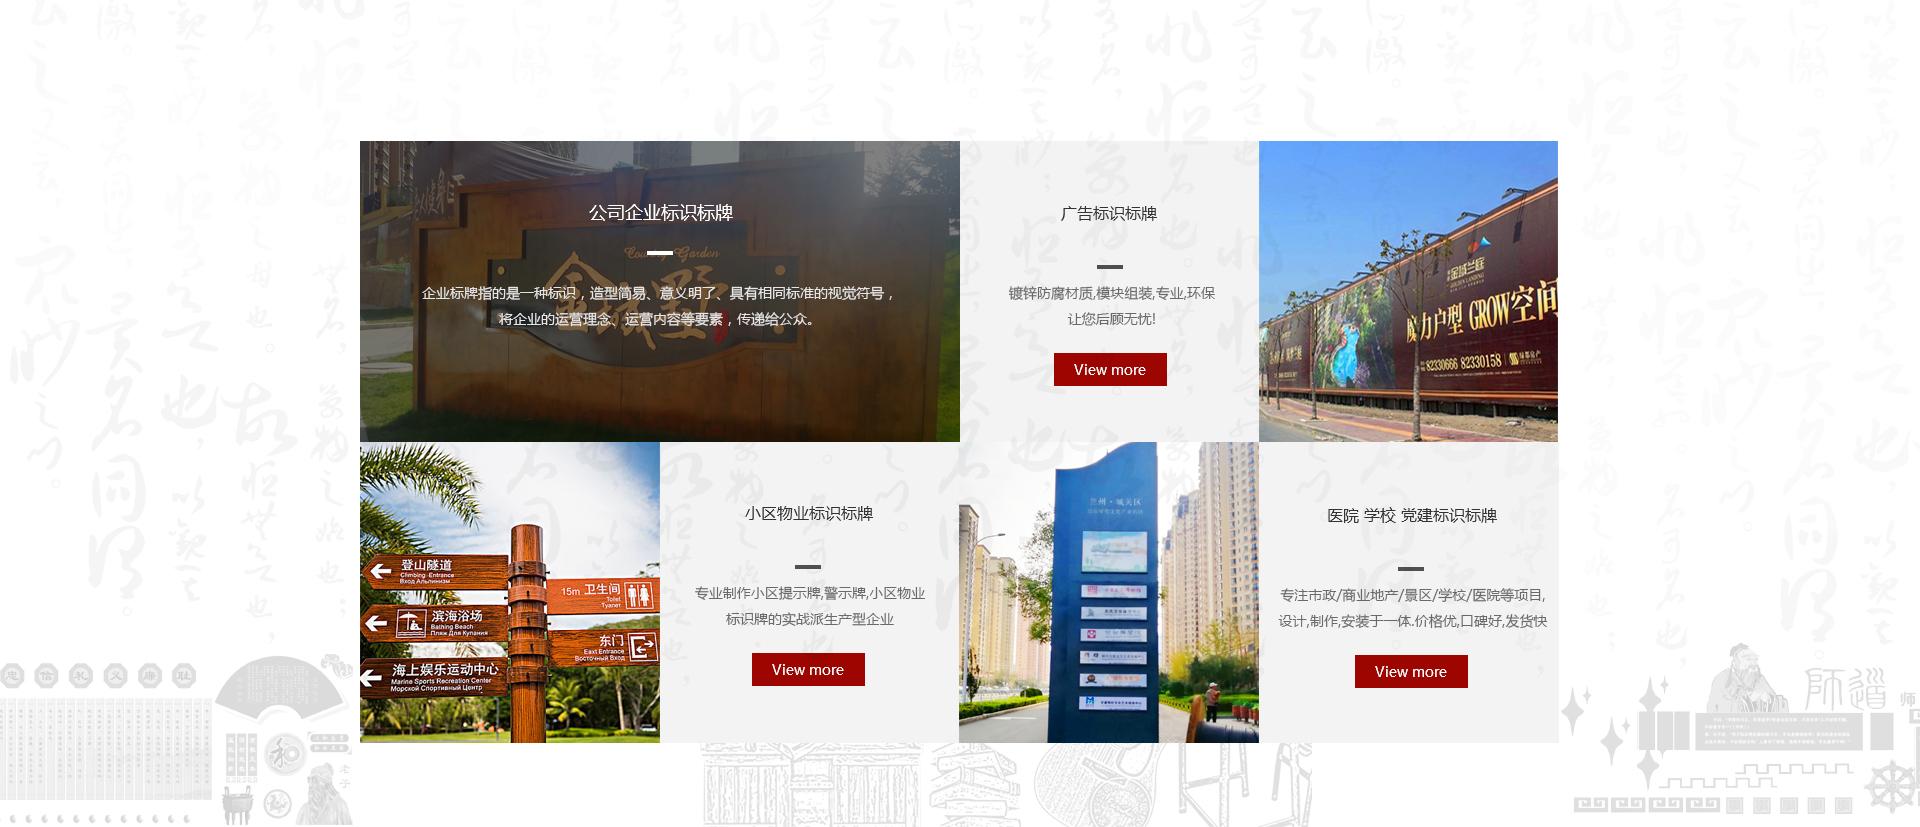 甘肅天藝源文化傳媒有限公司,是一家專注于蘭州公司標識標牌、企業標識標牌制作的企業。